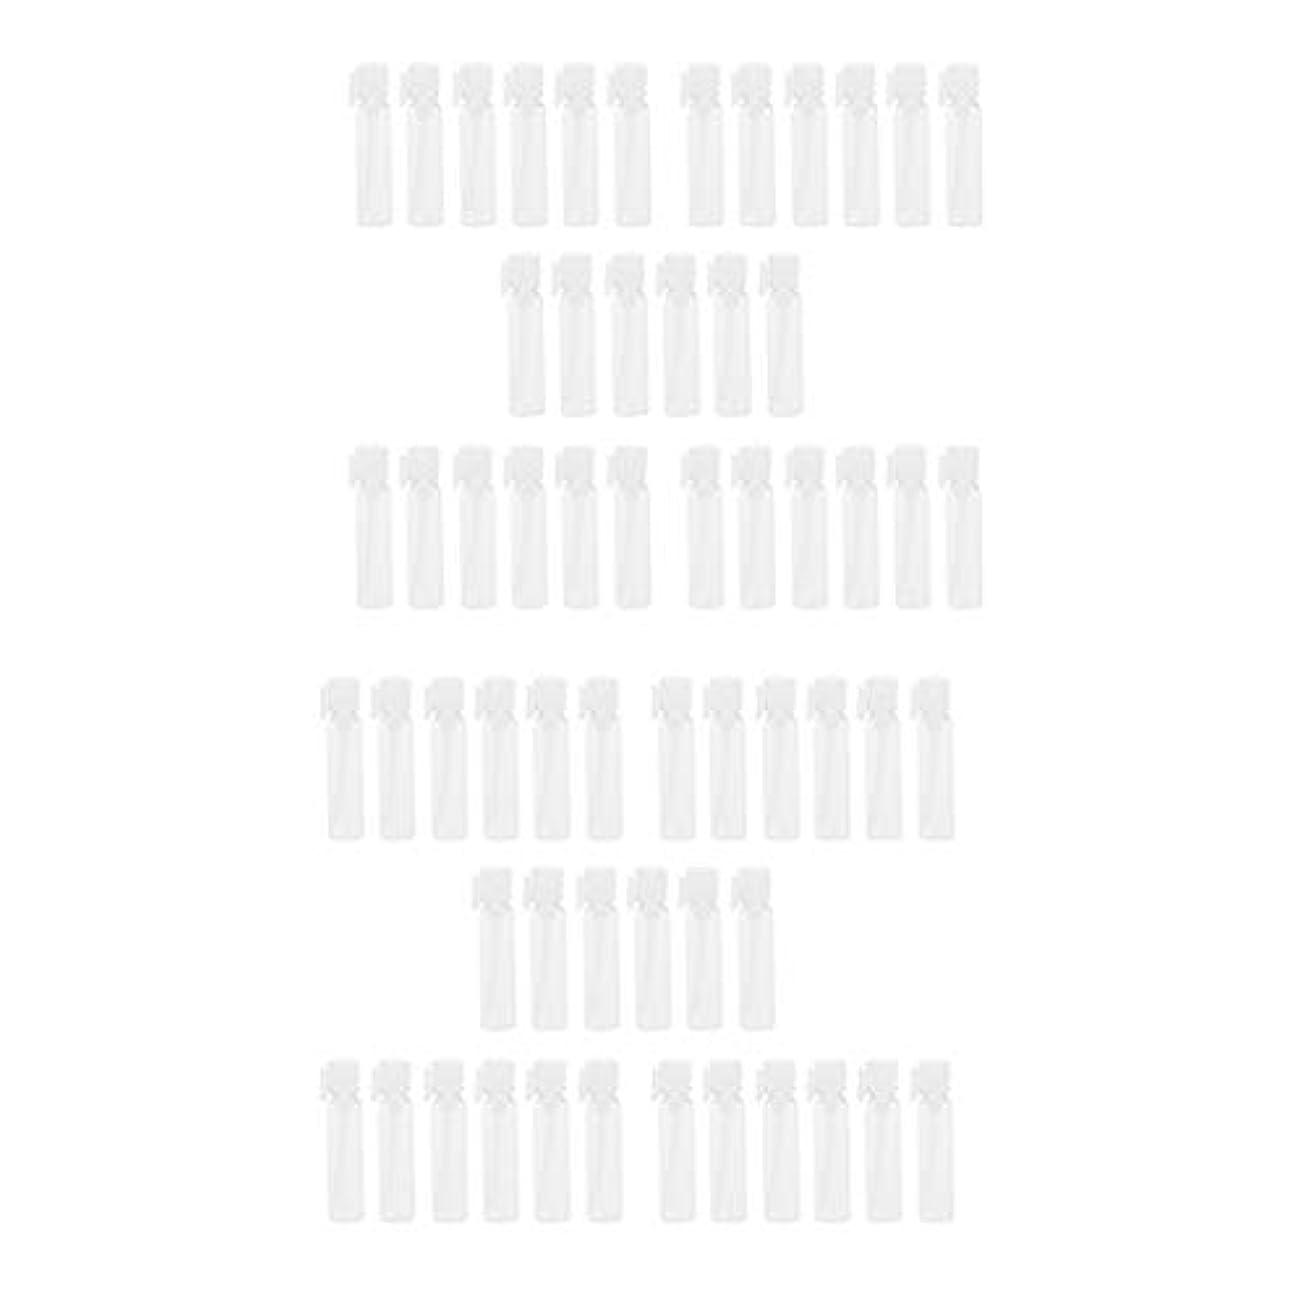 ベーシック注意メッセンジャークリア 香水ボトル 空ボトル 香水瓶 ガラス瓶 詰め替え容器 1ml&2ml 約60個